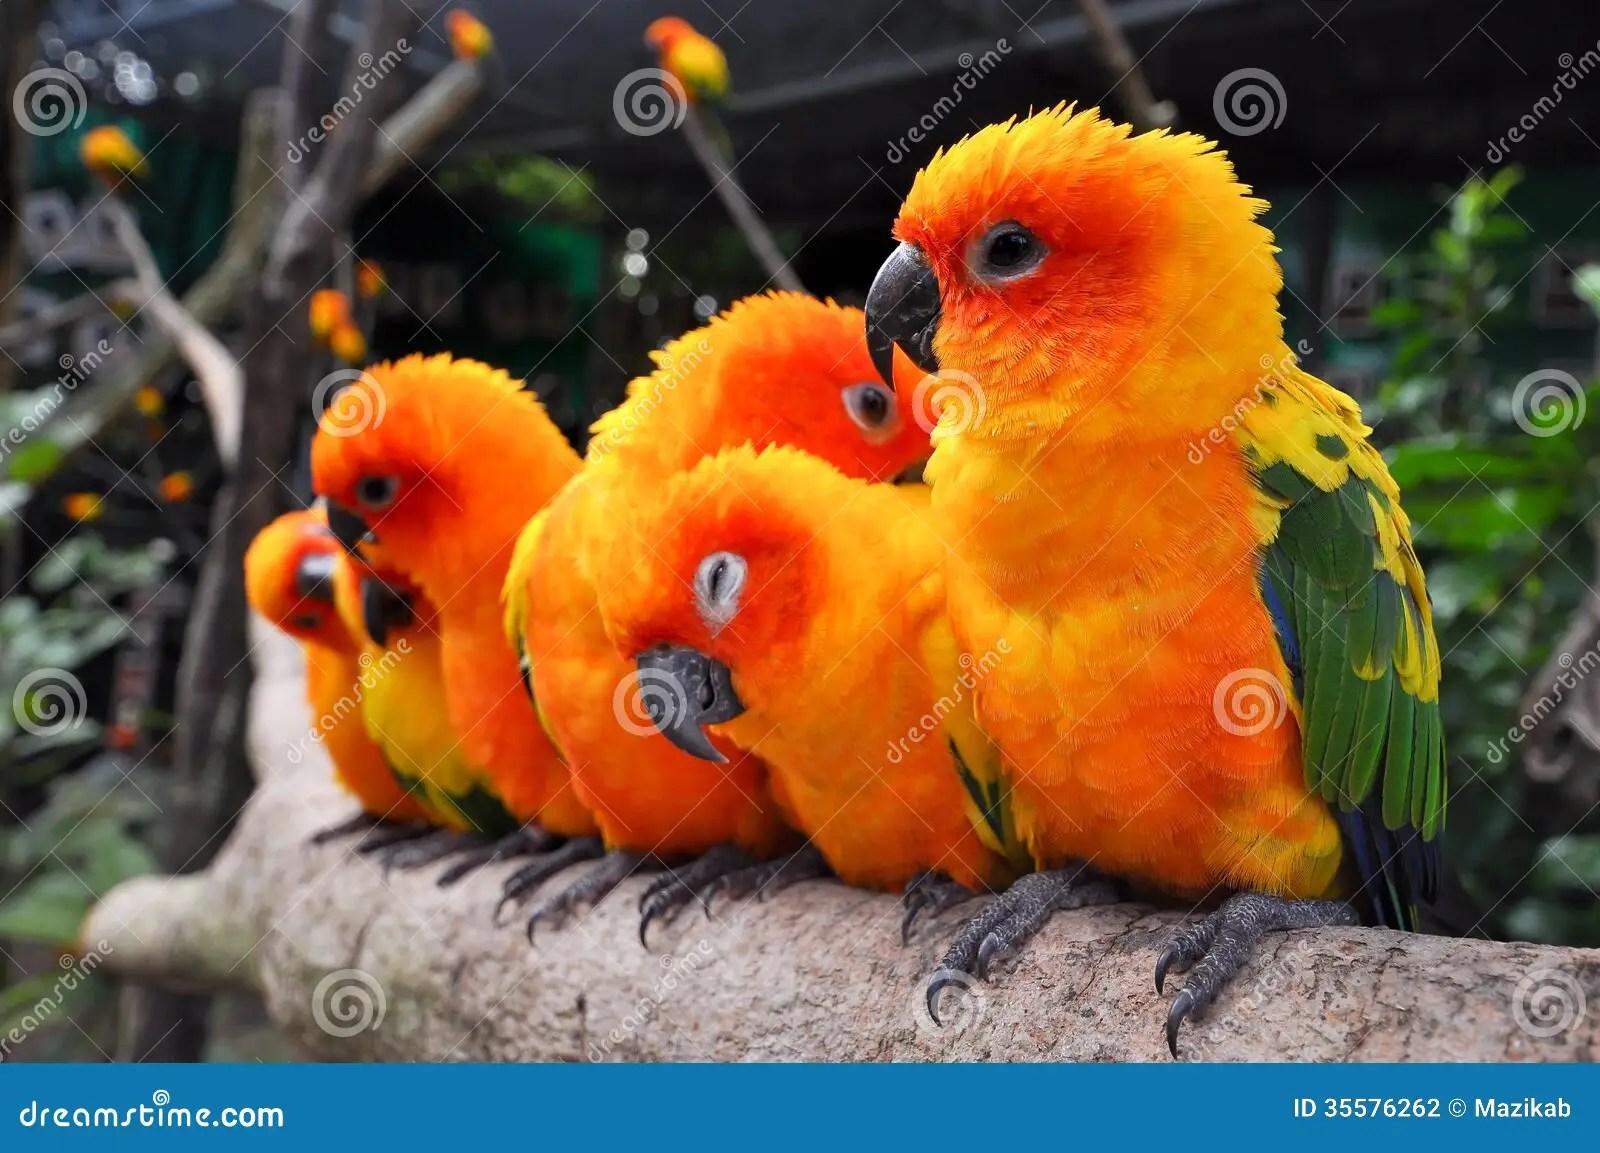 Cute Parakeet Wallpaper Sun Conure Stock Photo Image Of Bright Beautiful